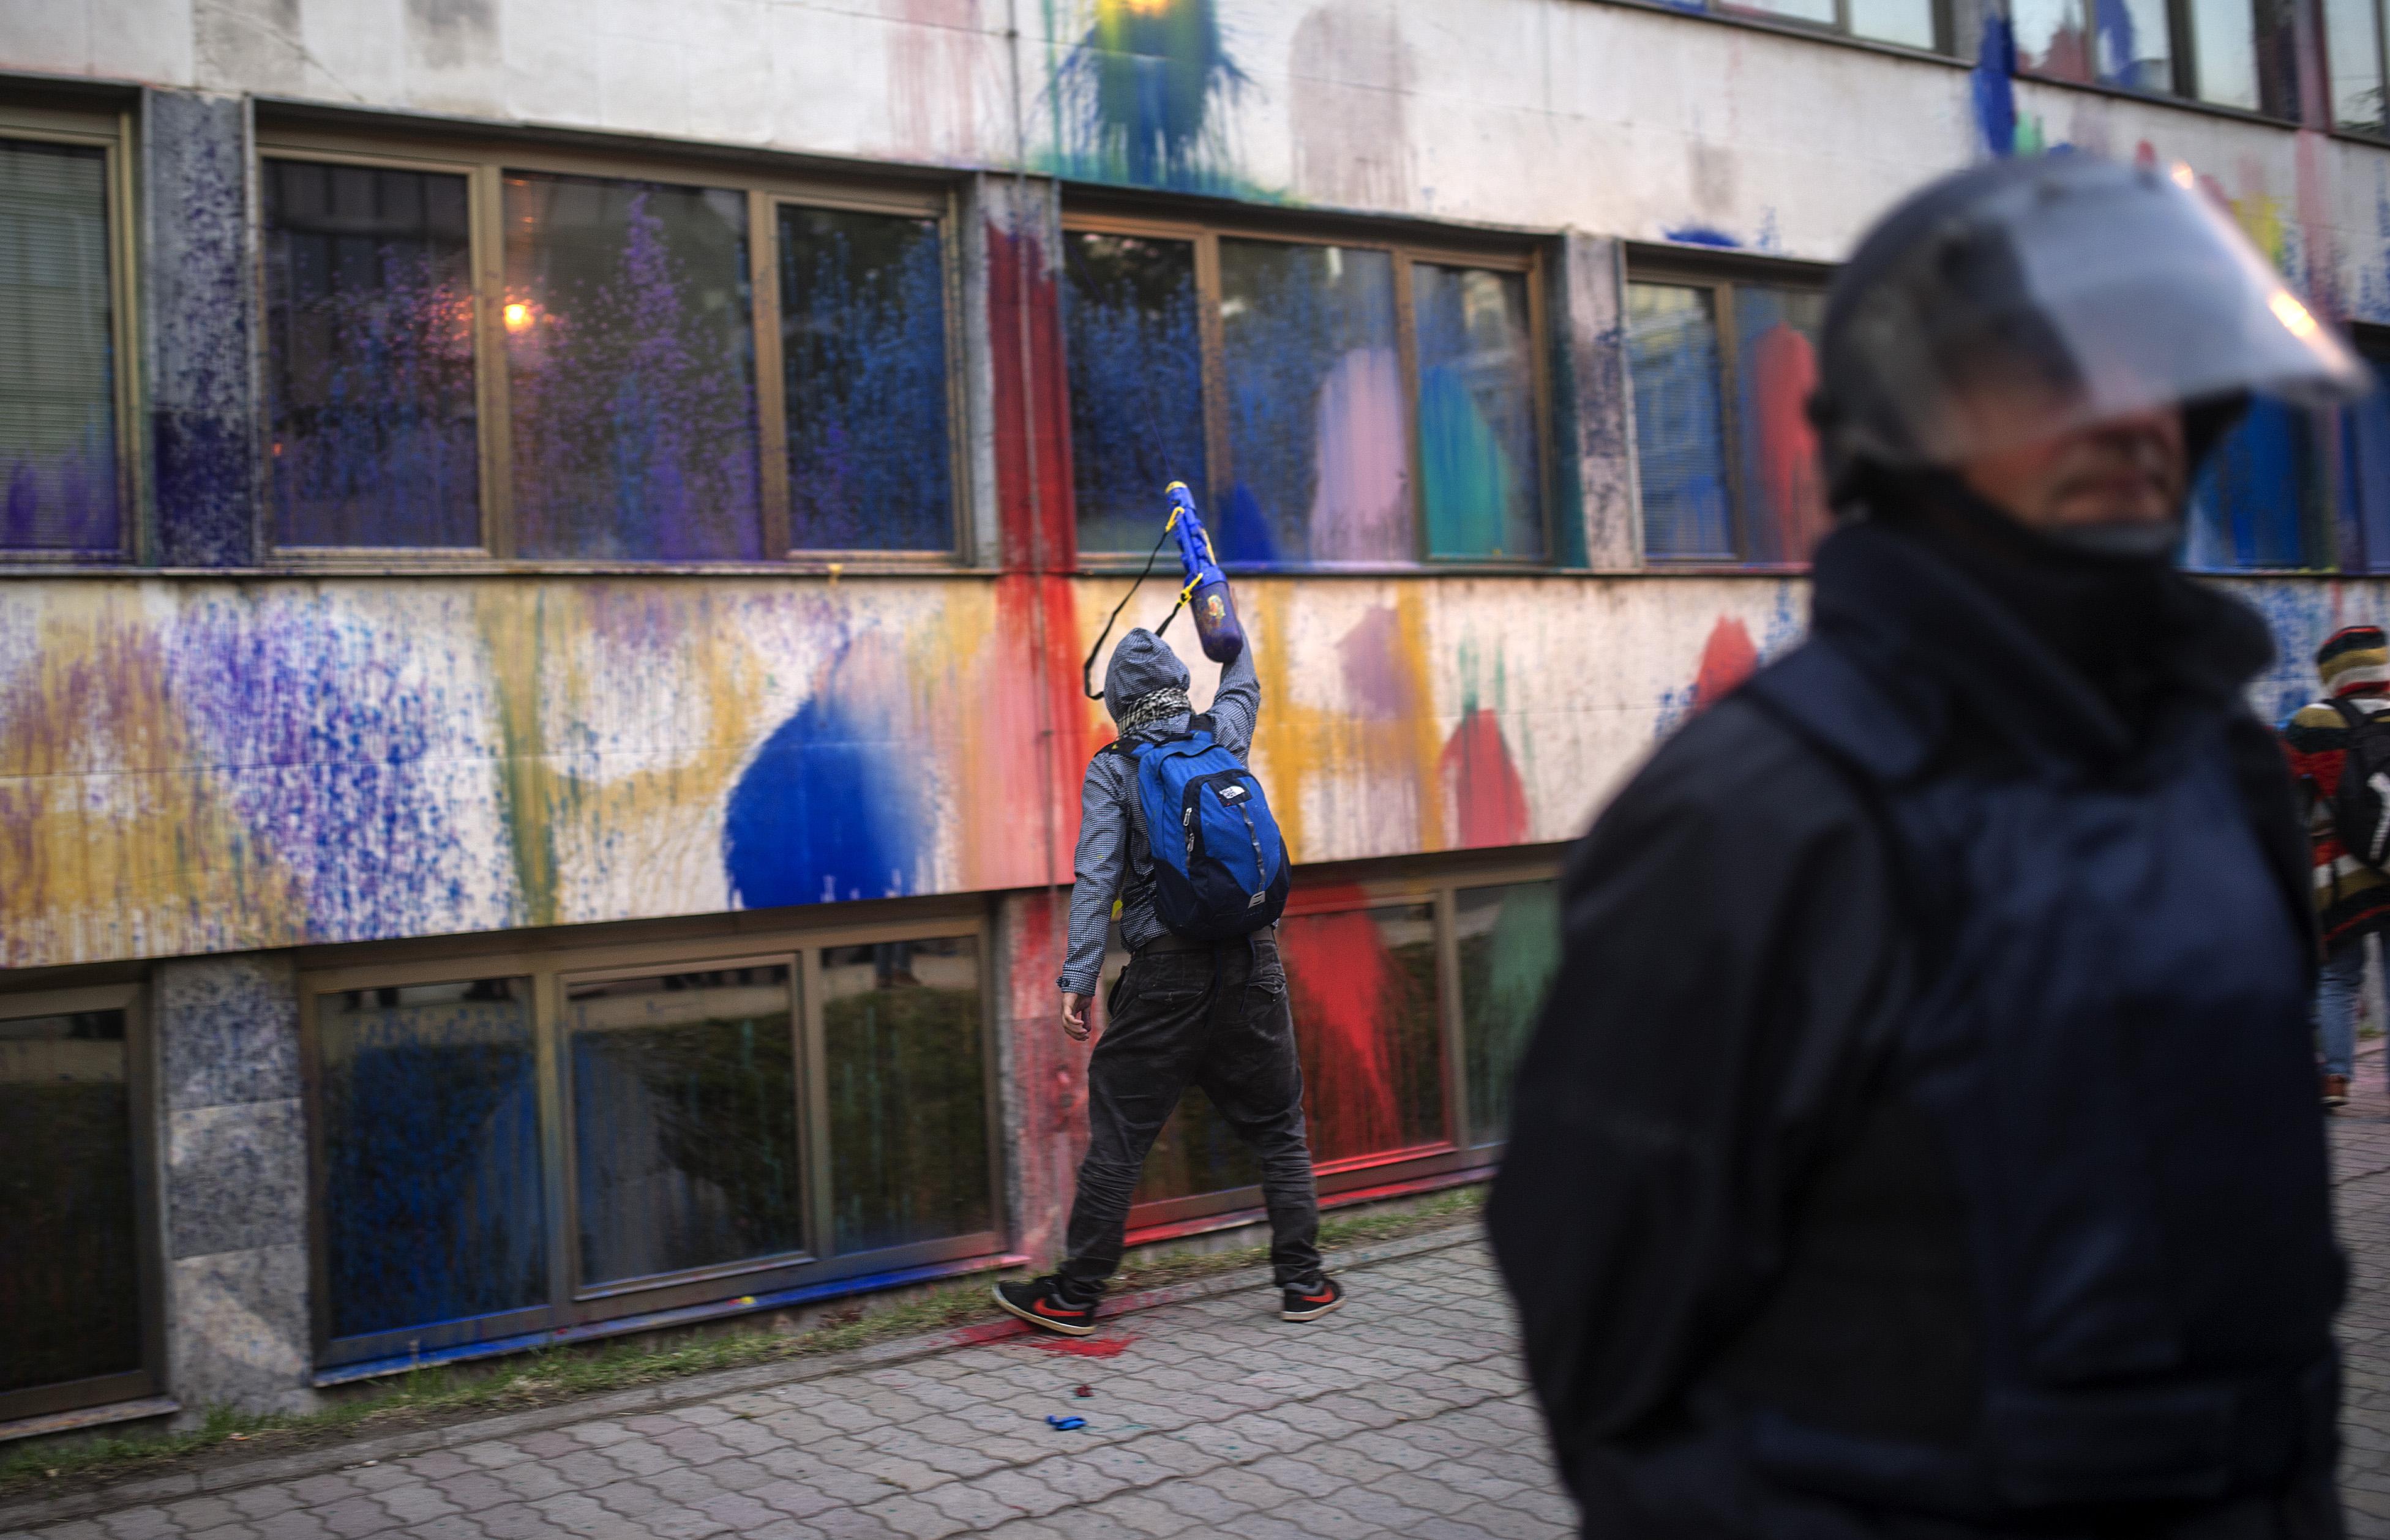 Festékbombákkal akarják elkergetni a kormányt Macedóniában